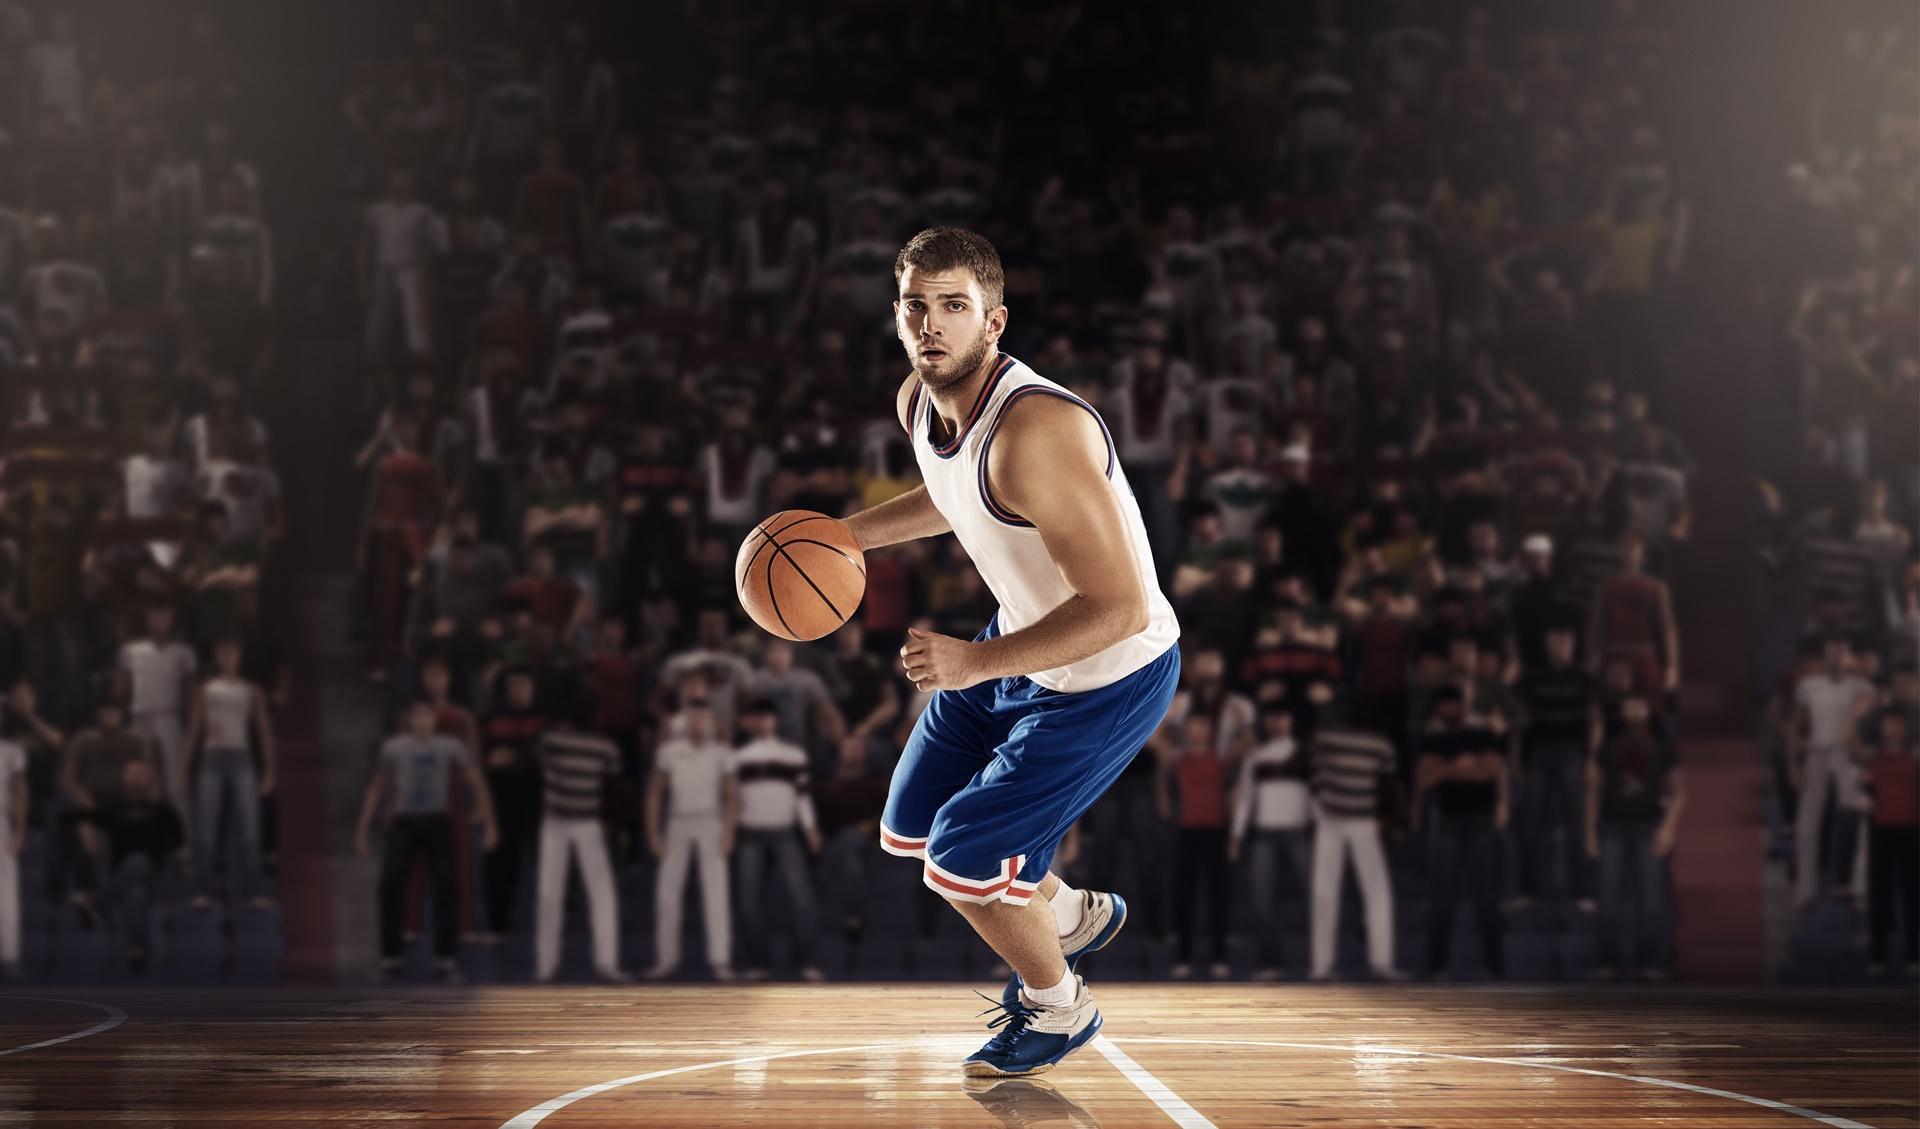 fotografia sportivă